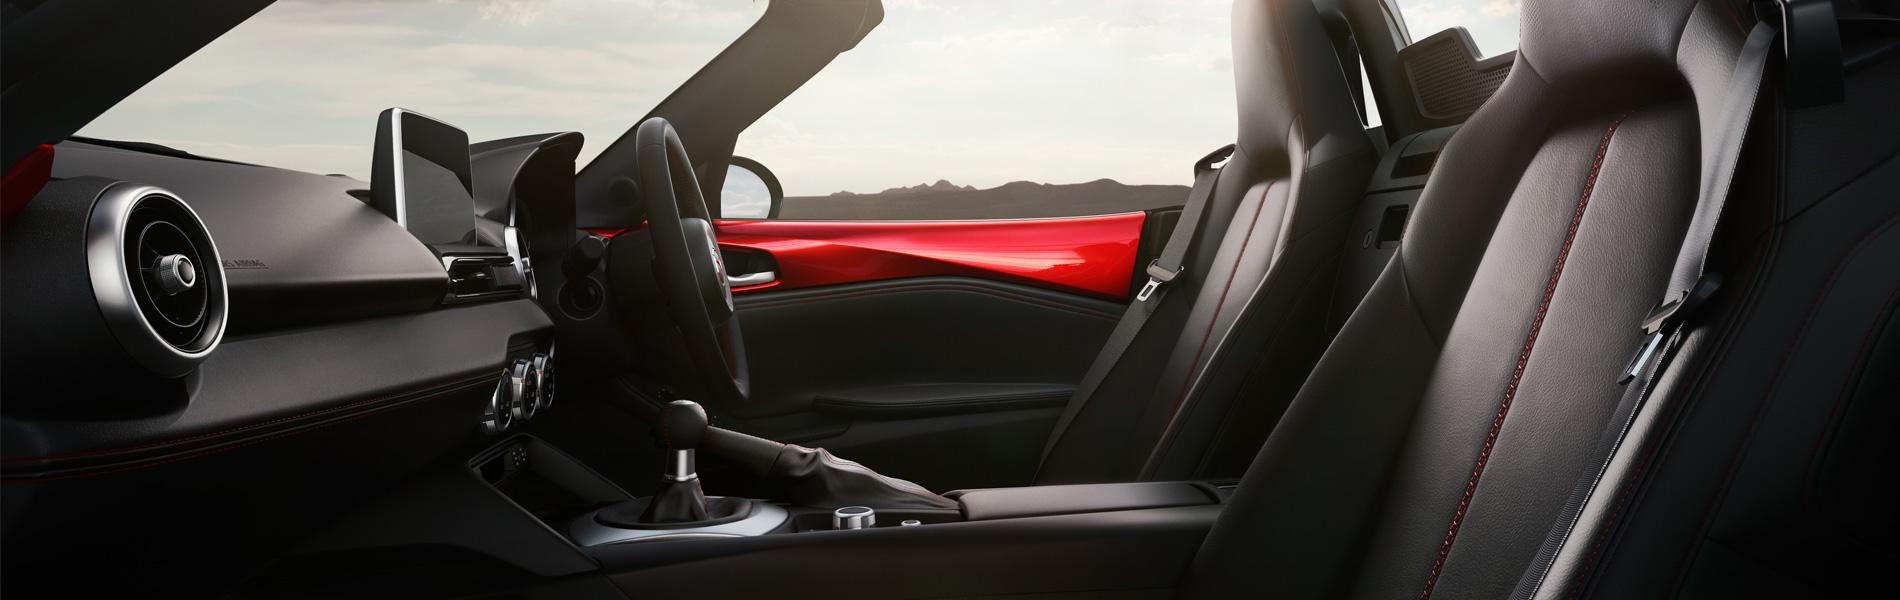 Mazda MX-5 Image 0